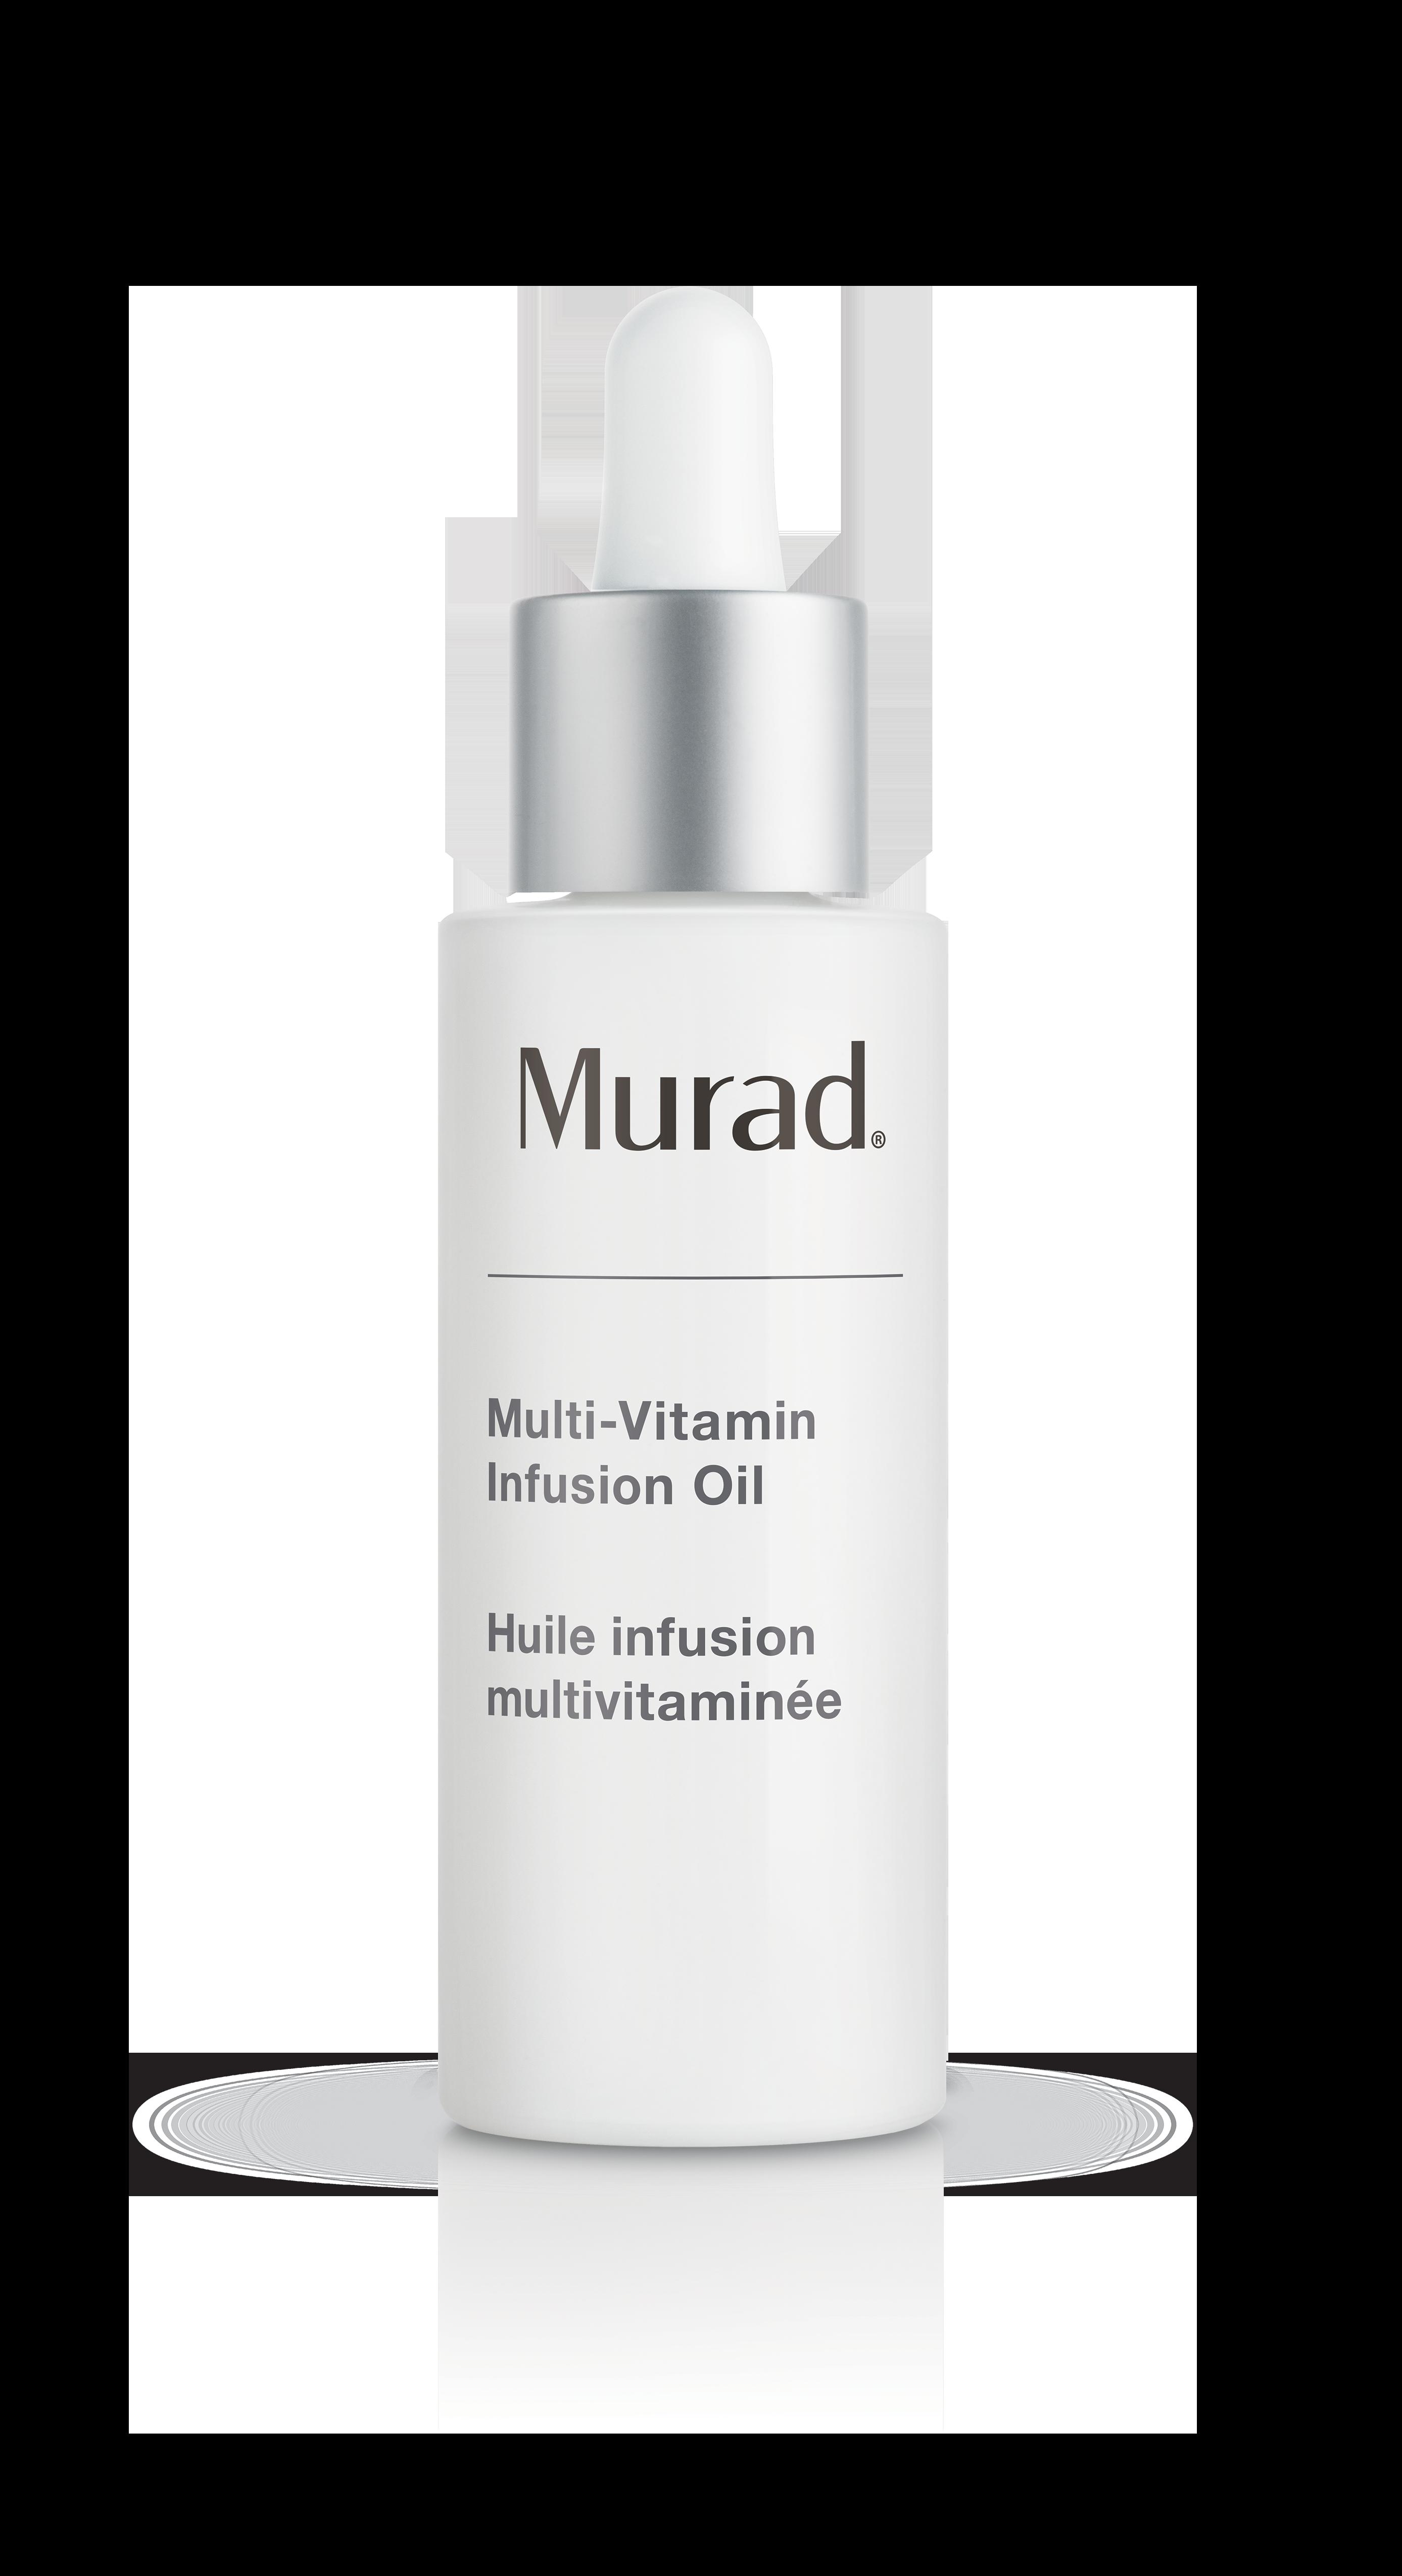 Murad Multi-Vitamin Infusion Oil, 30 ml